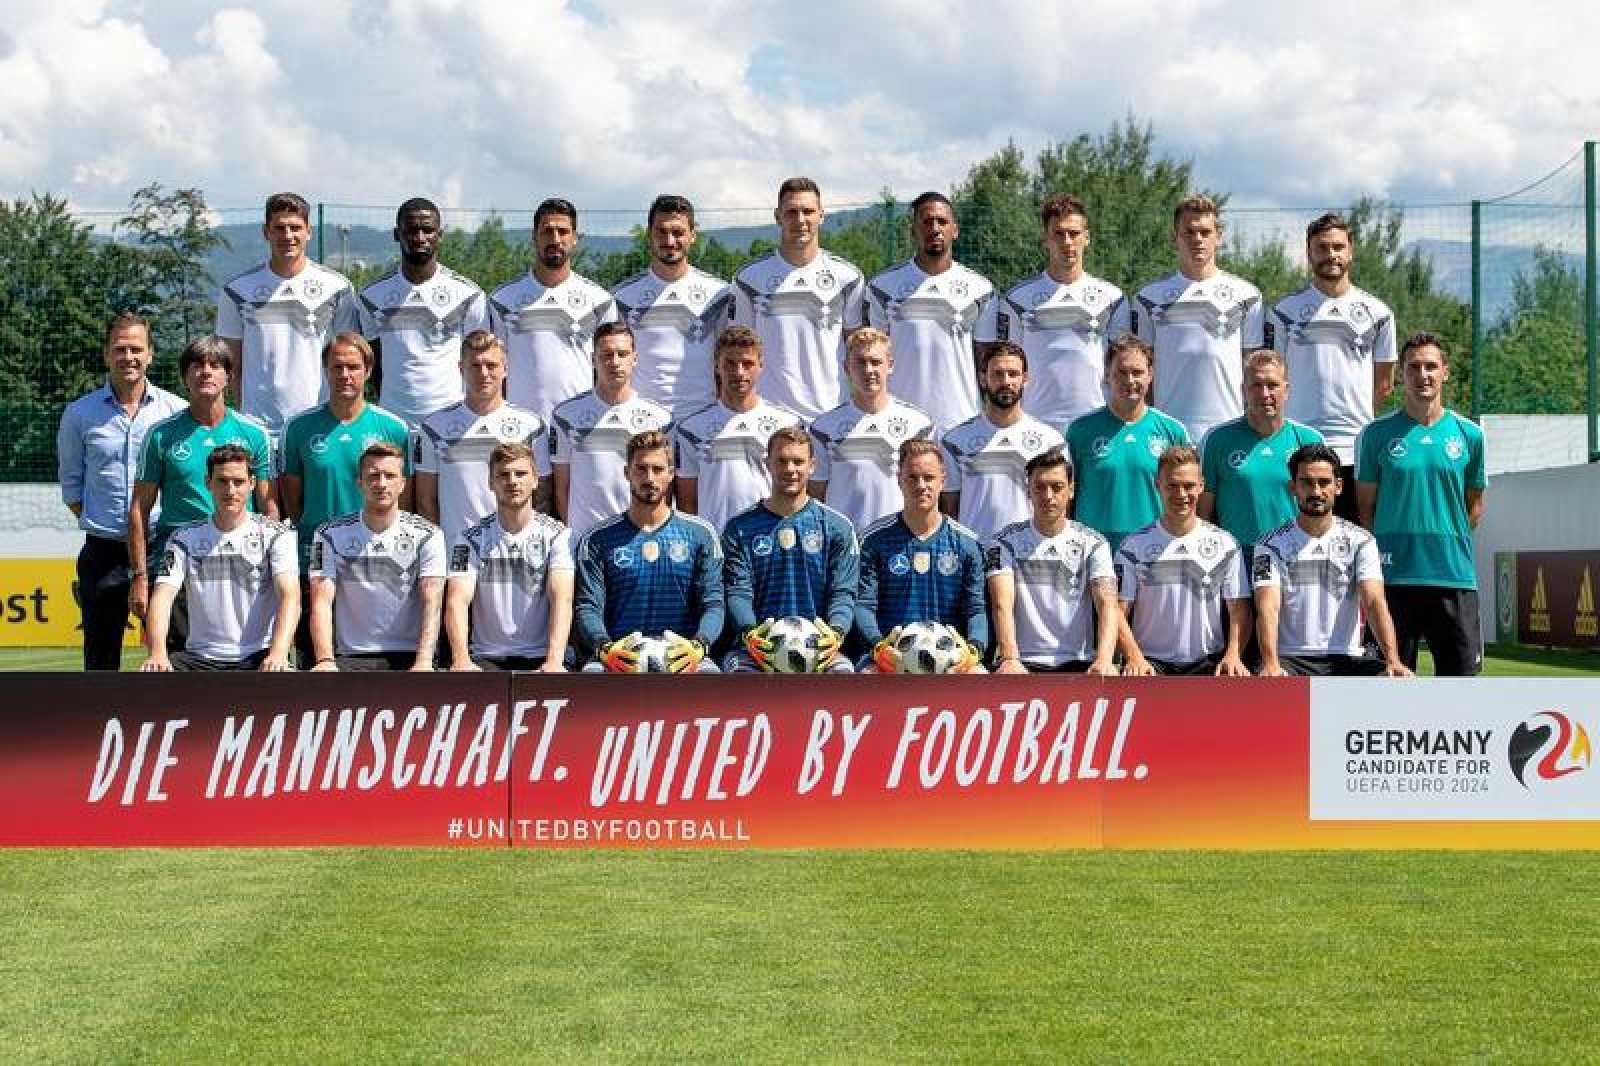 Foto de familia de la selección de fútbol de Alemania